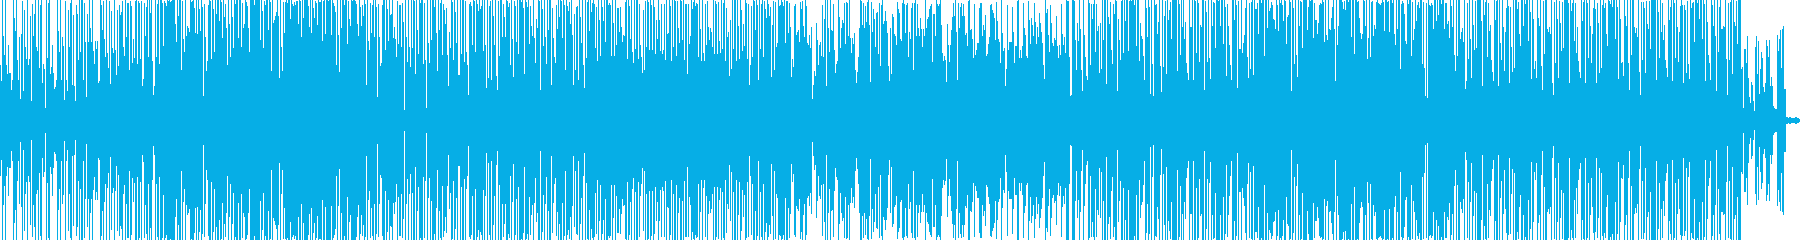 エレクトロニック 技術的な 感情的...の再生済みの波形